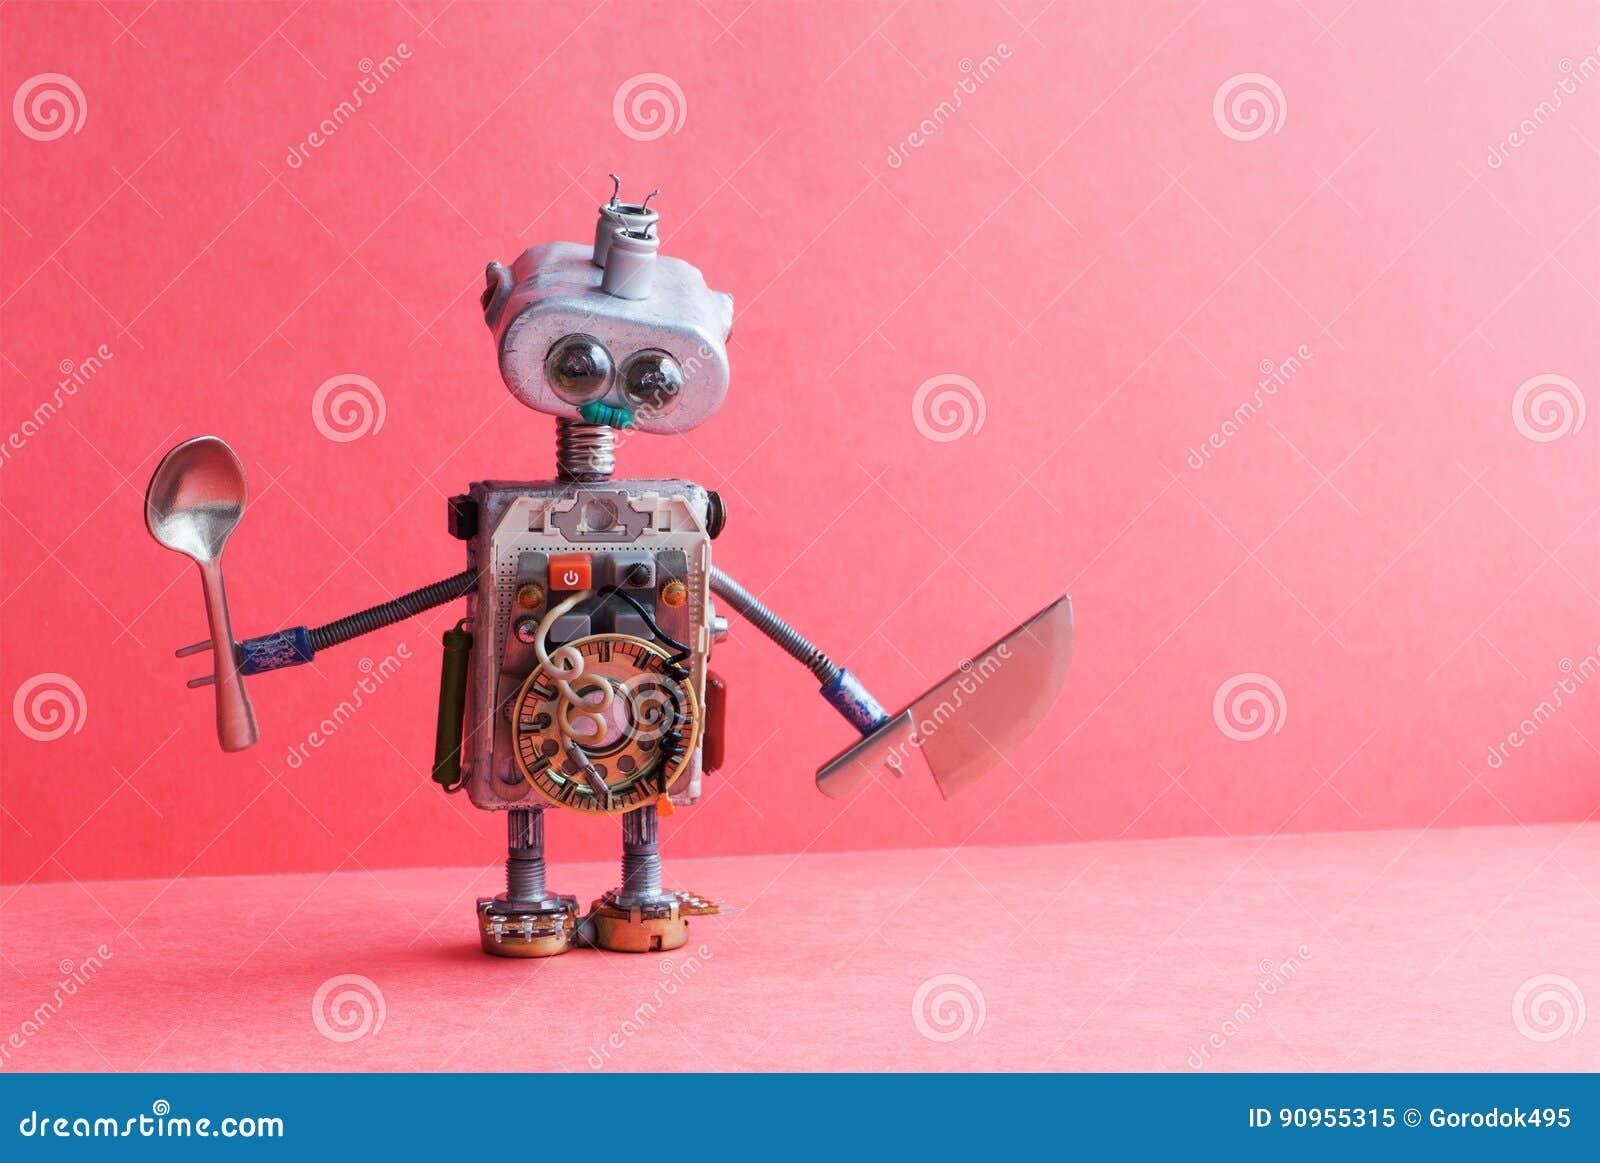 Cuillere Mecanique De Couteau De Robot De Chef De Cuisine Jouet